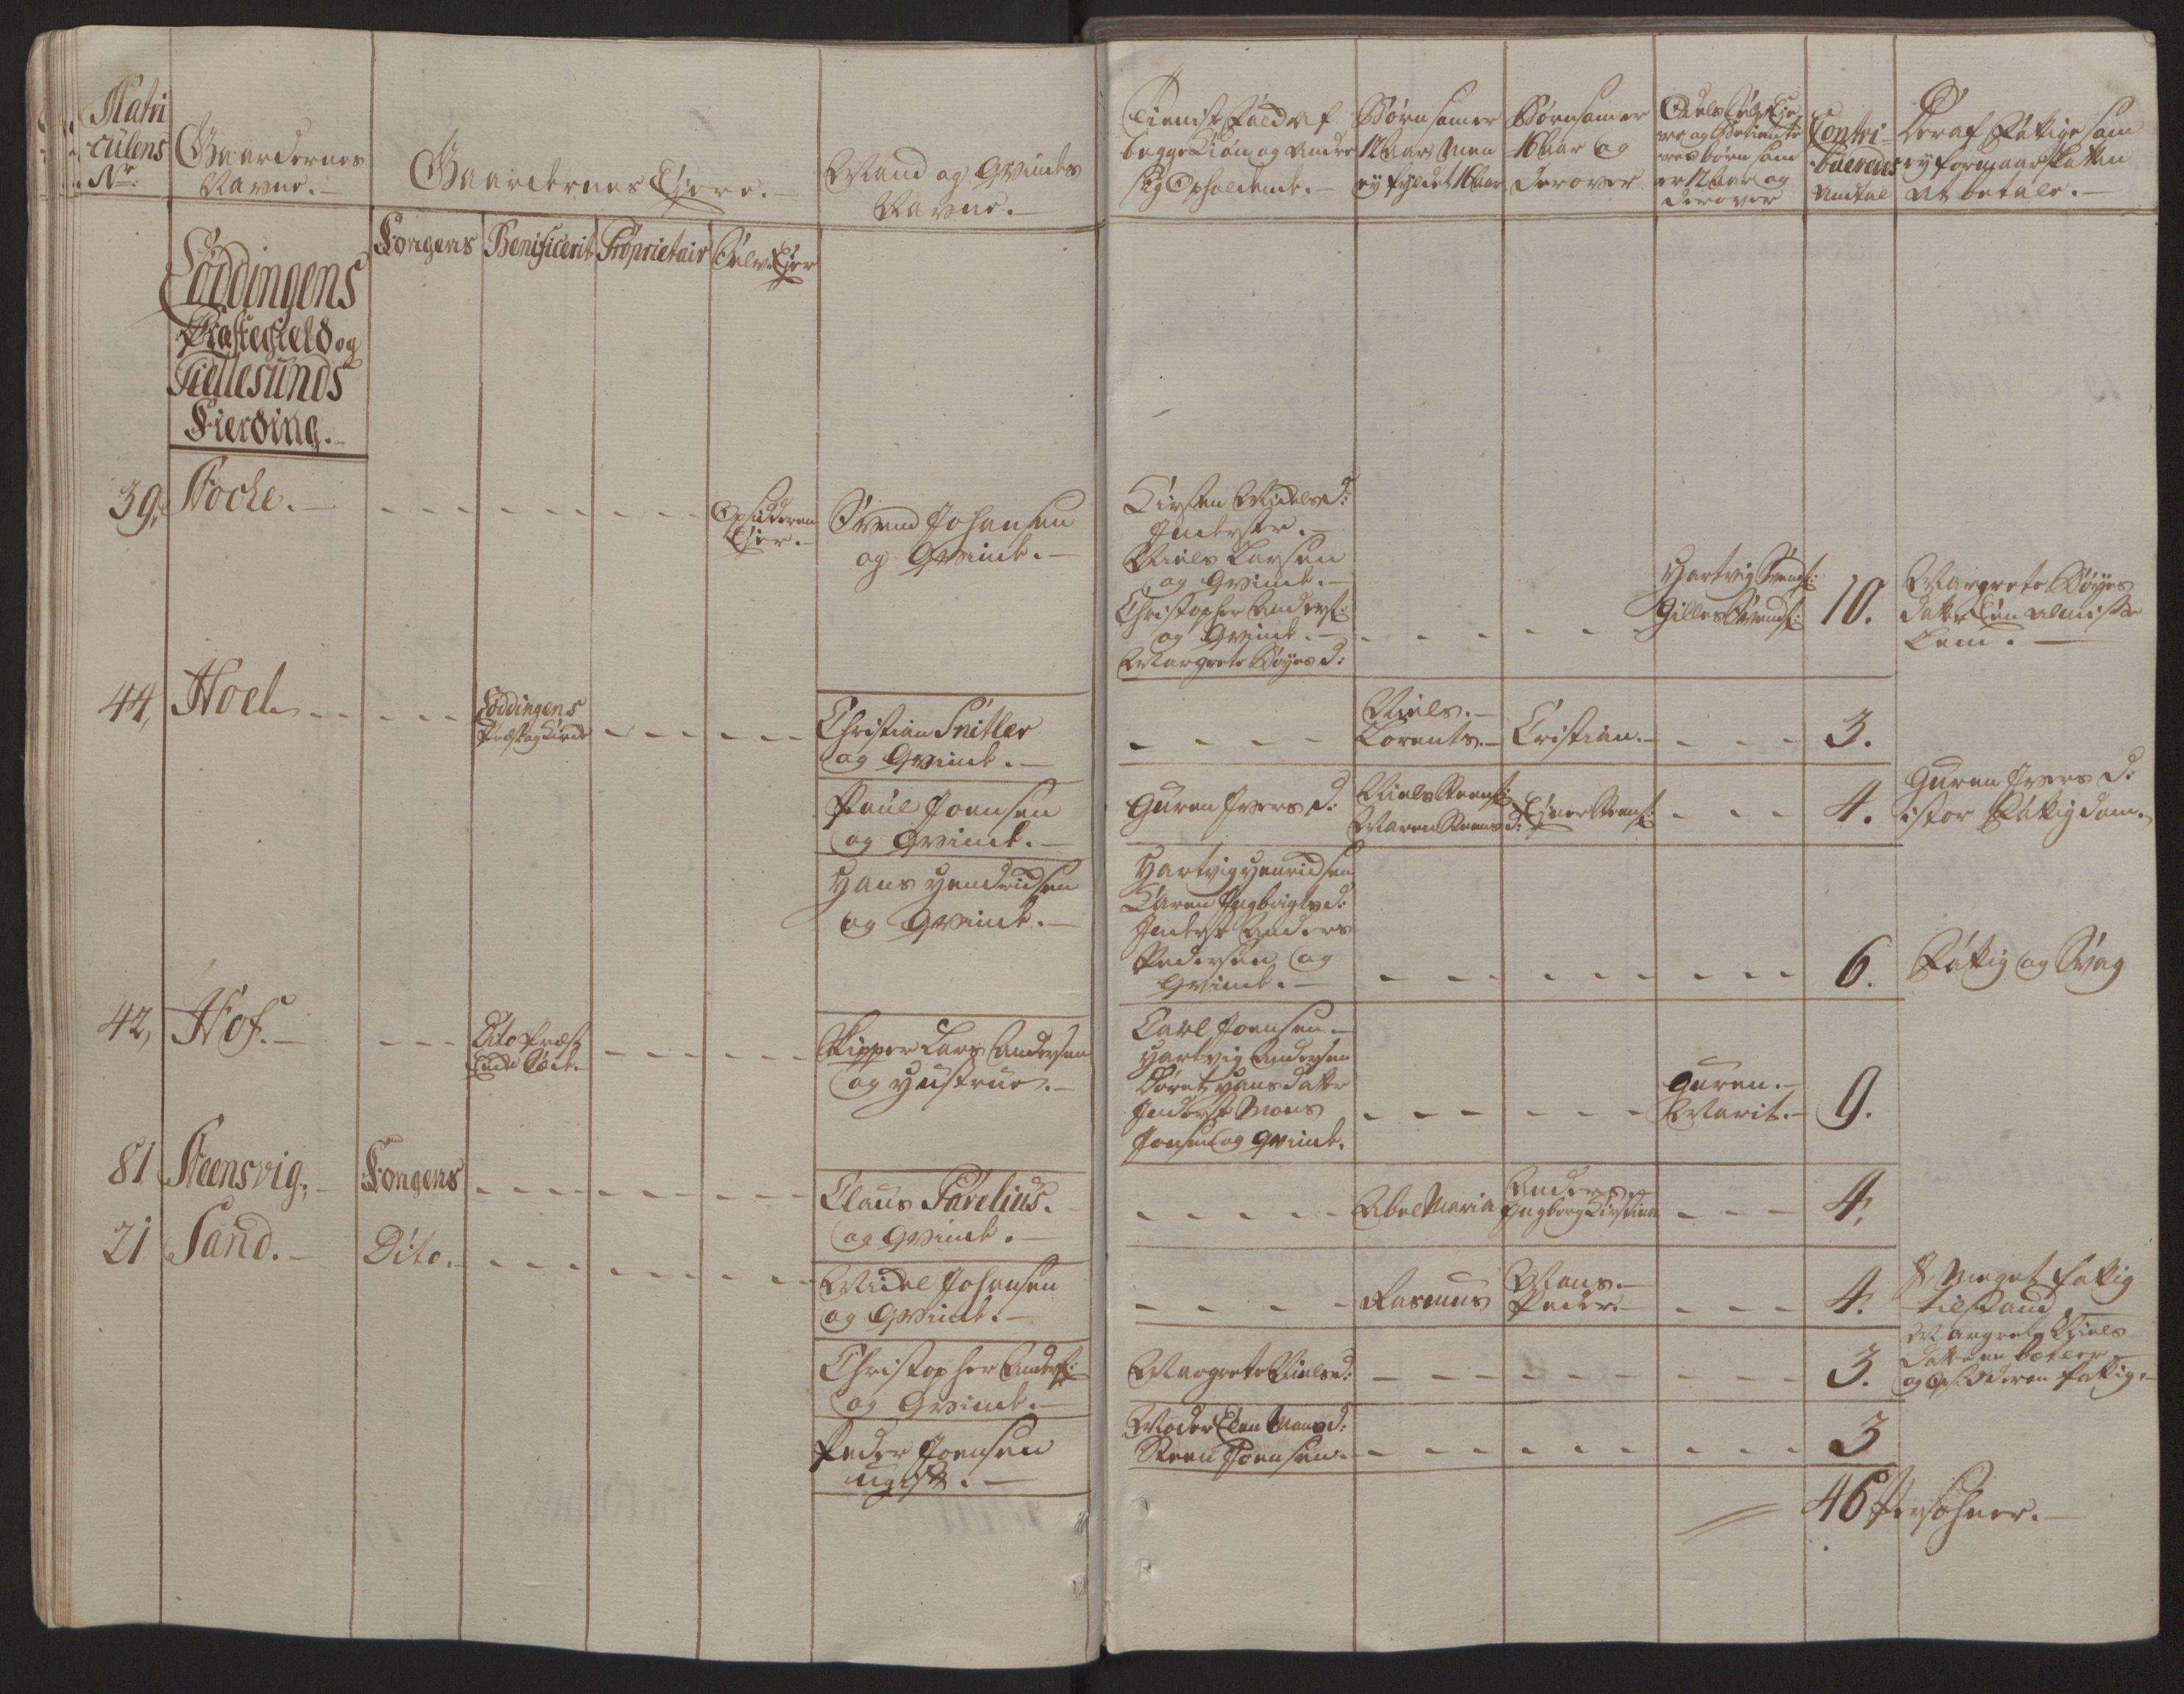 RA, Rentekammeret inntil 1814, Reviderte regnskaper, Fogderegnskap, R66/L4670: Ekstraskatten Salten, 1762-1764, s. 215